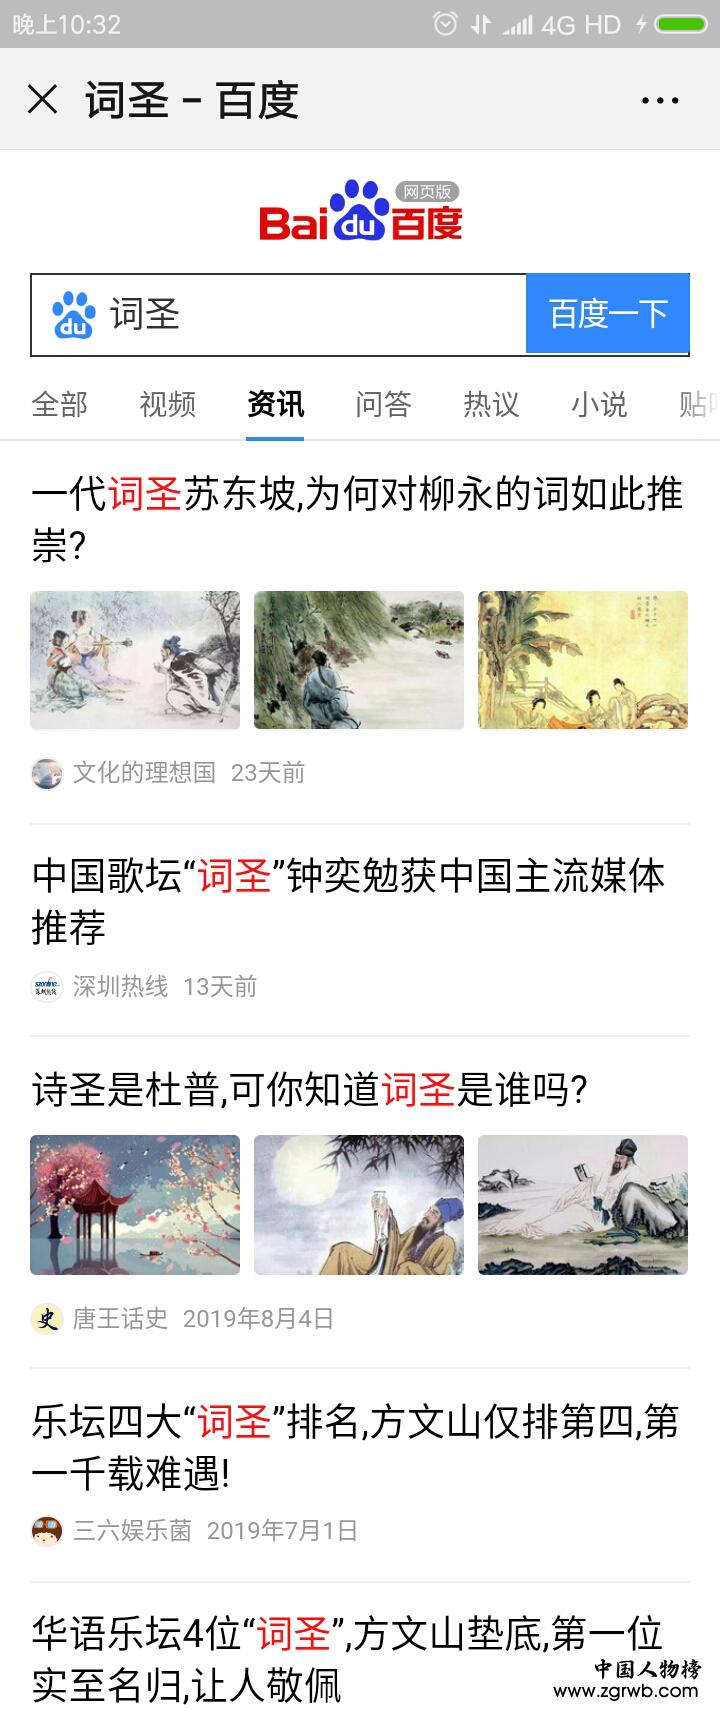 """中国歌坛""""词圣""""钟奕勉进入百度""""词圣""""资讯搜索前十,荣居第二"""